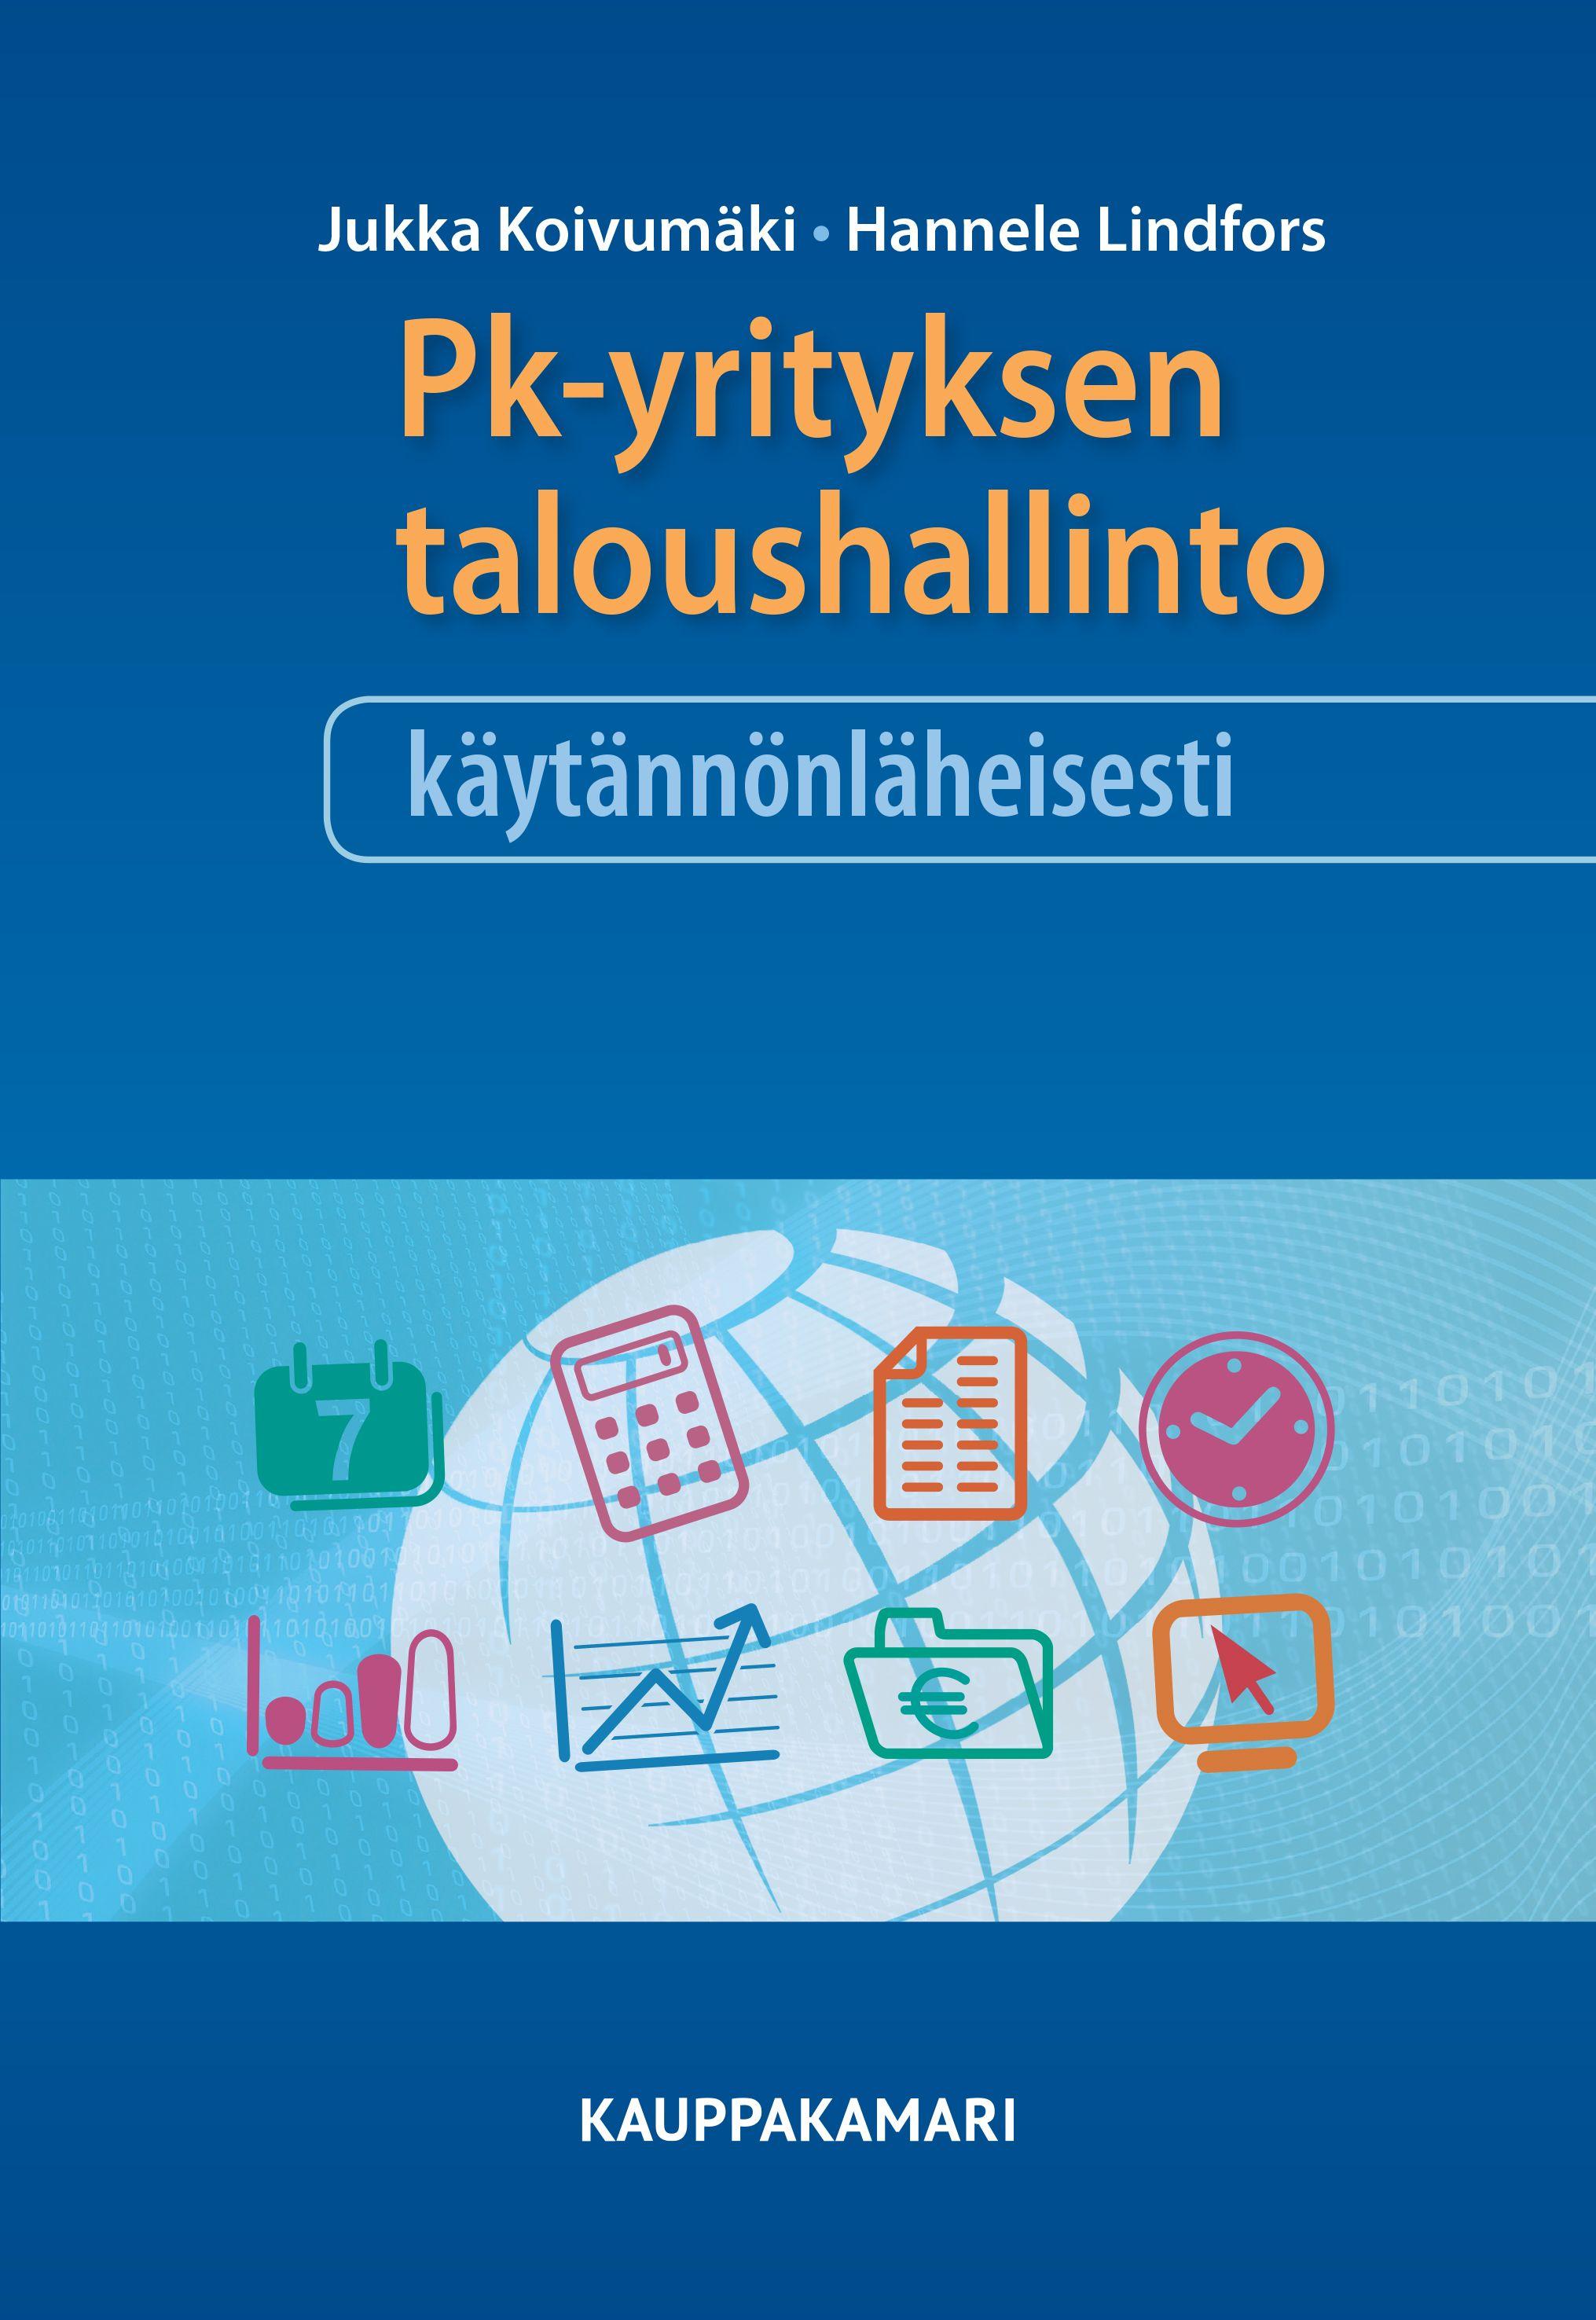 Pk-yrityksen taloushallinto käytännönläheisesti, 9€ (45.00 € +alv 10%) Jukka Koivumäki, Hannele Lindfors